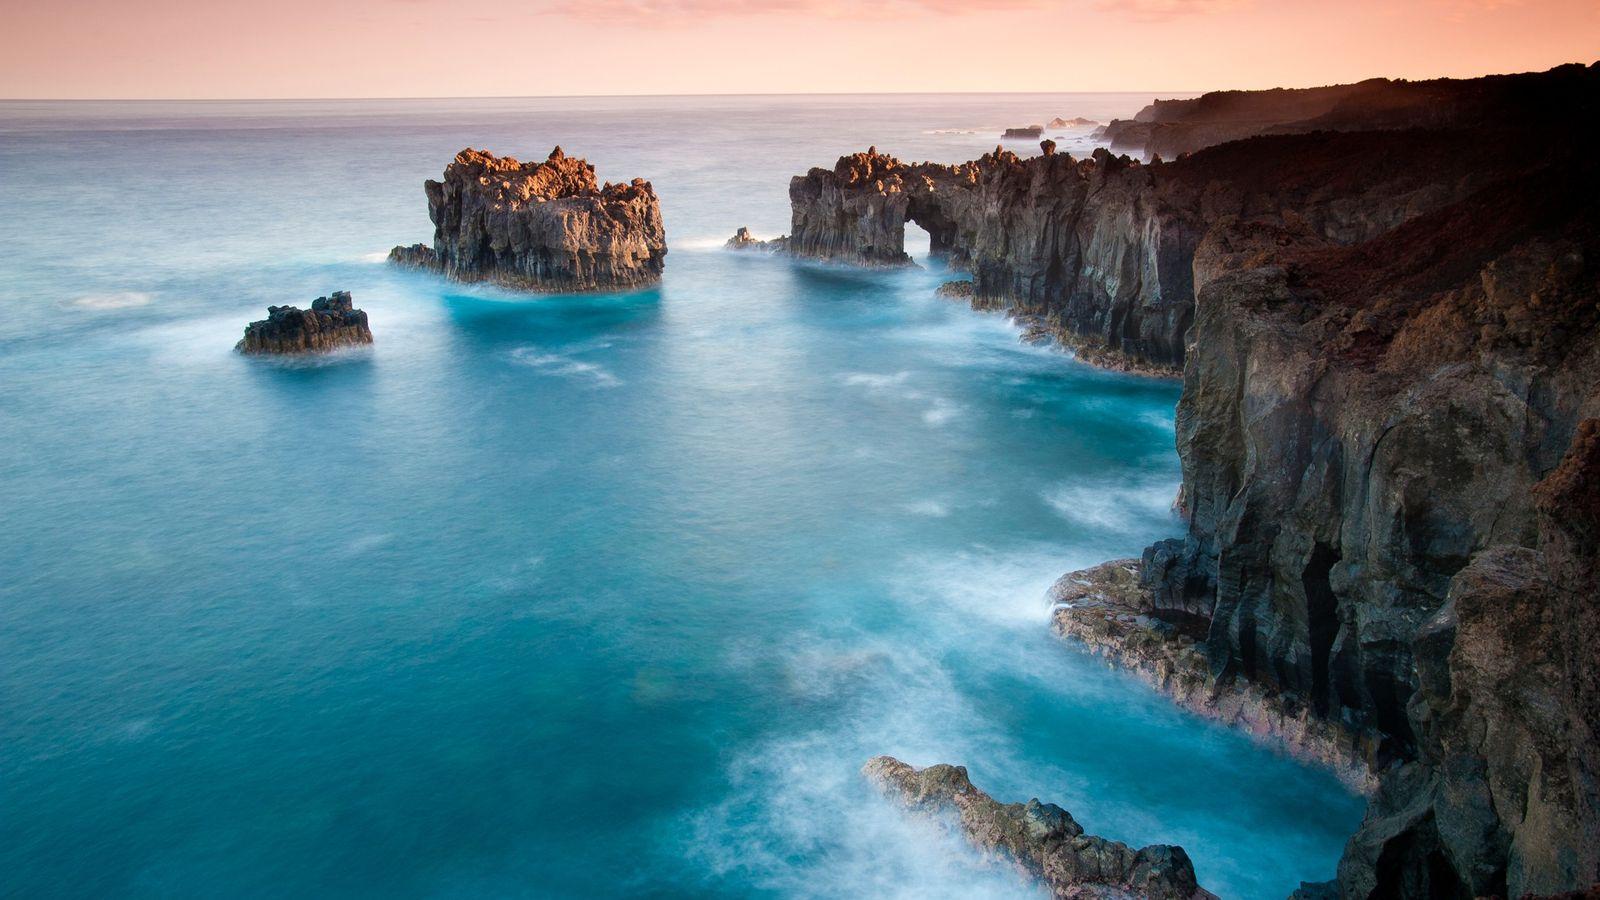 Ilhas Canárias, Espanha El Hierro, uma das Ilhas Canárias da Espanha, já foi considerada o ponto mais ...